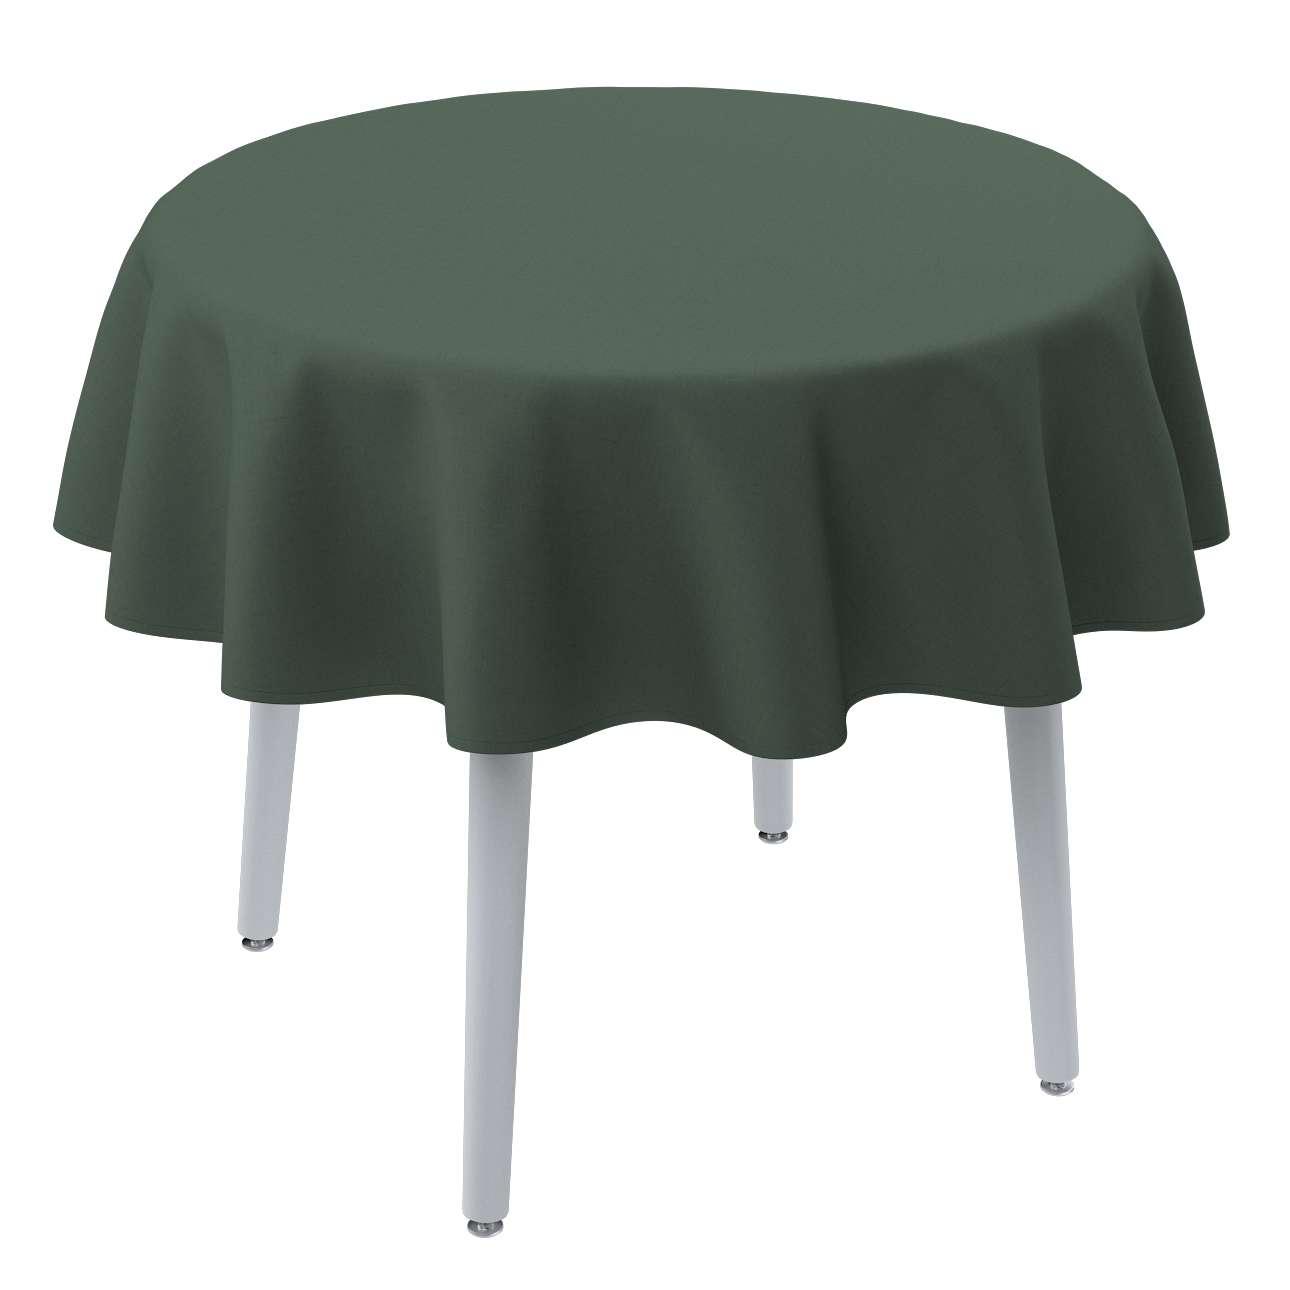 Runde Tischdecke von der Kollektion Leinen, Stoff: 159-08